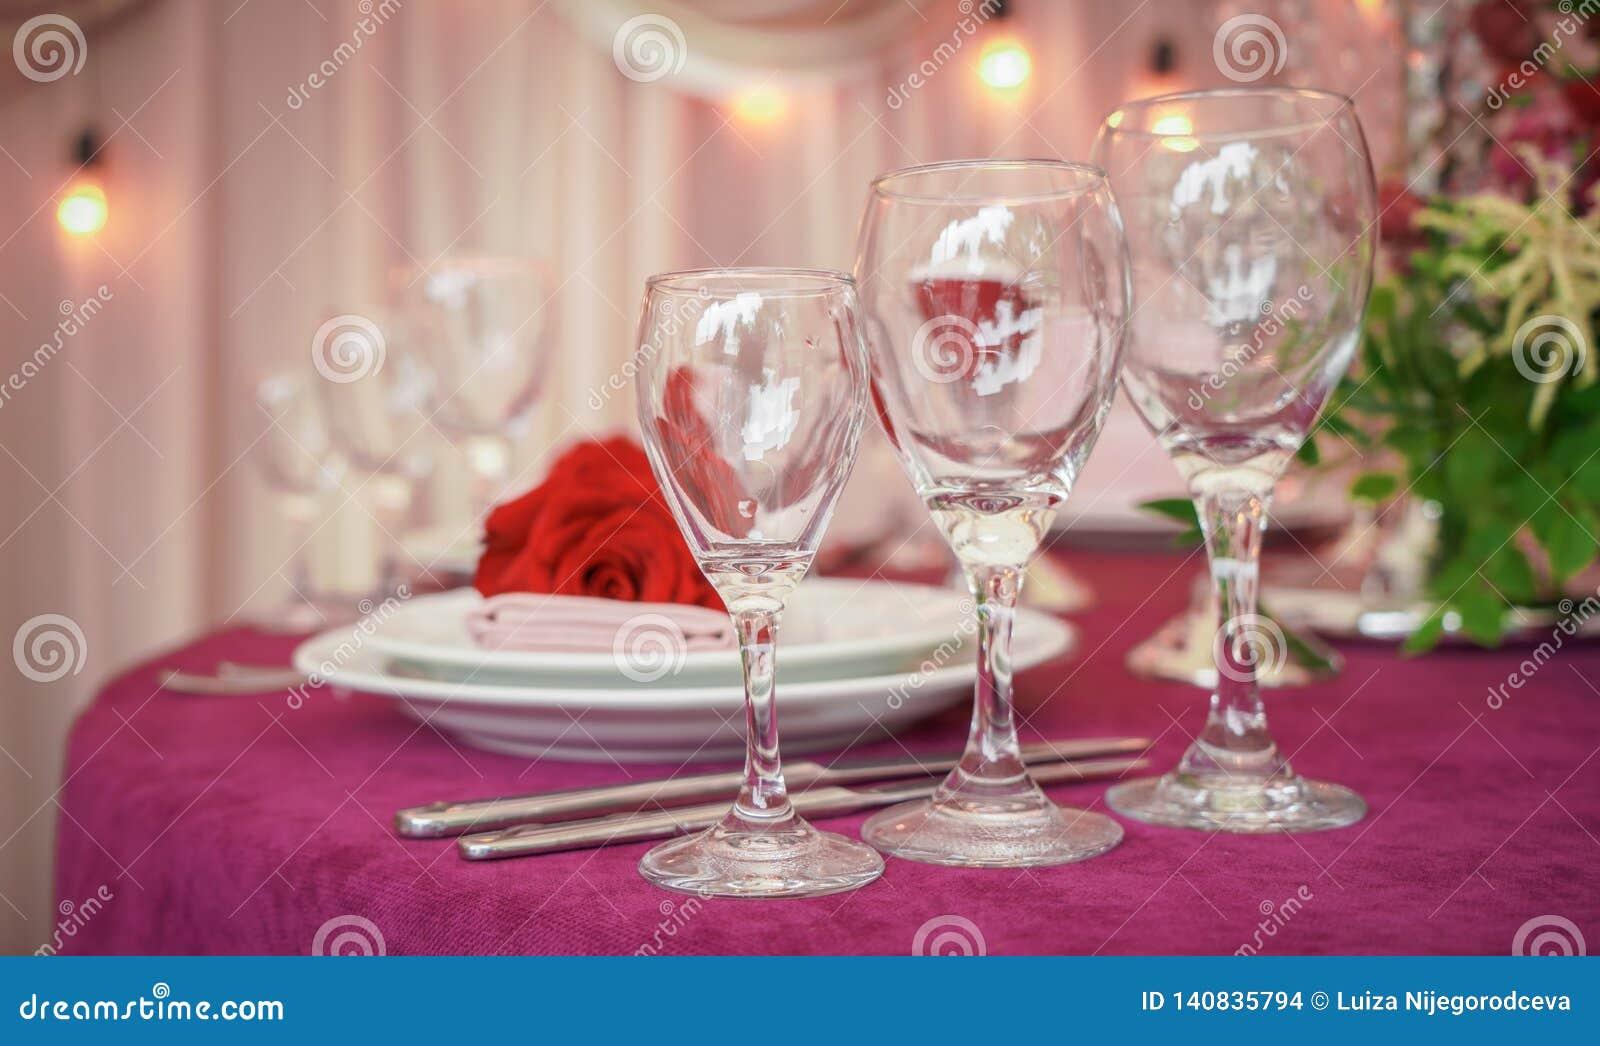 Праздничная сервировка стола свадьбы с красными цветками, салфетками, винтажным столовым прибором, стеклами и свечами, ярким офор